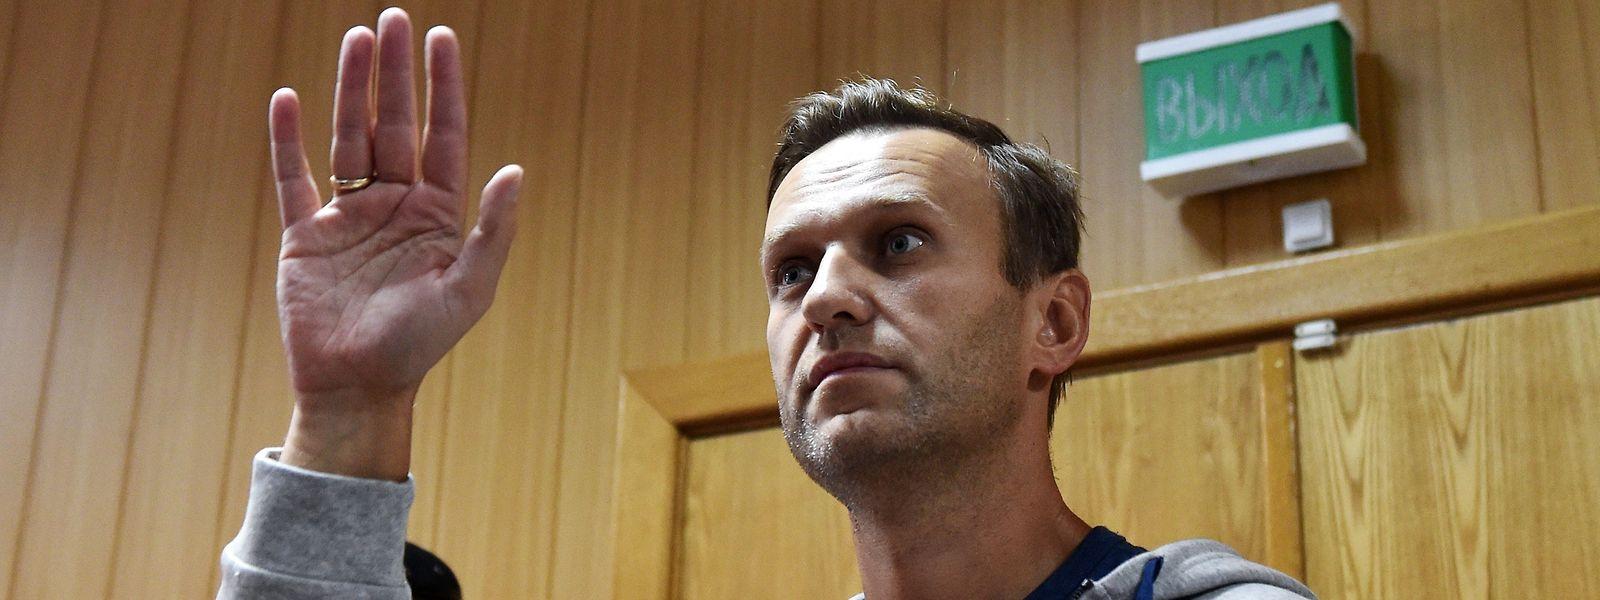 Die von Nawalny angeführte Opposition will bei den Regional-und Kommunalwahlen die absolute Macht der Krempartei brechen.